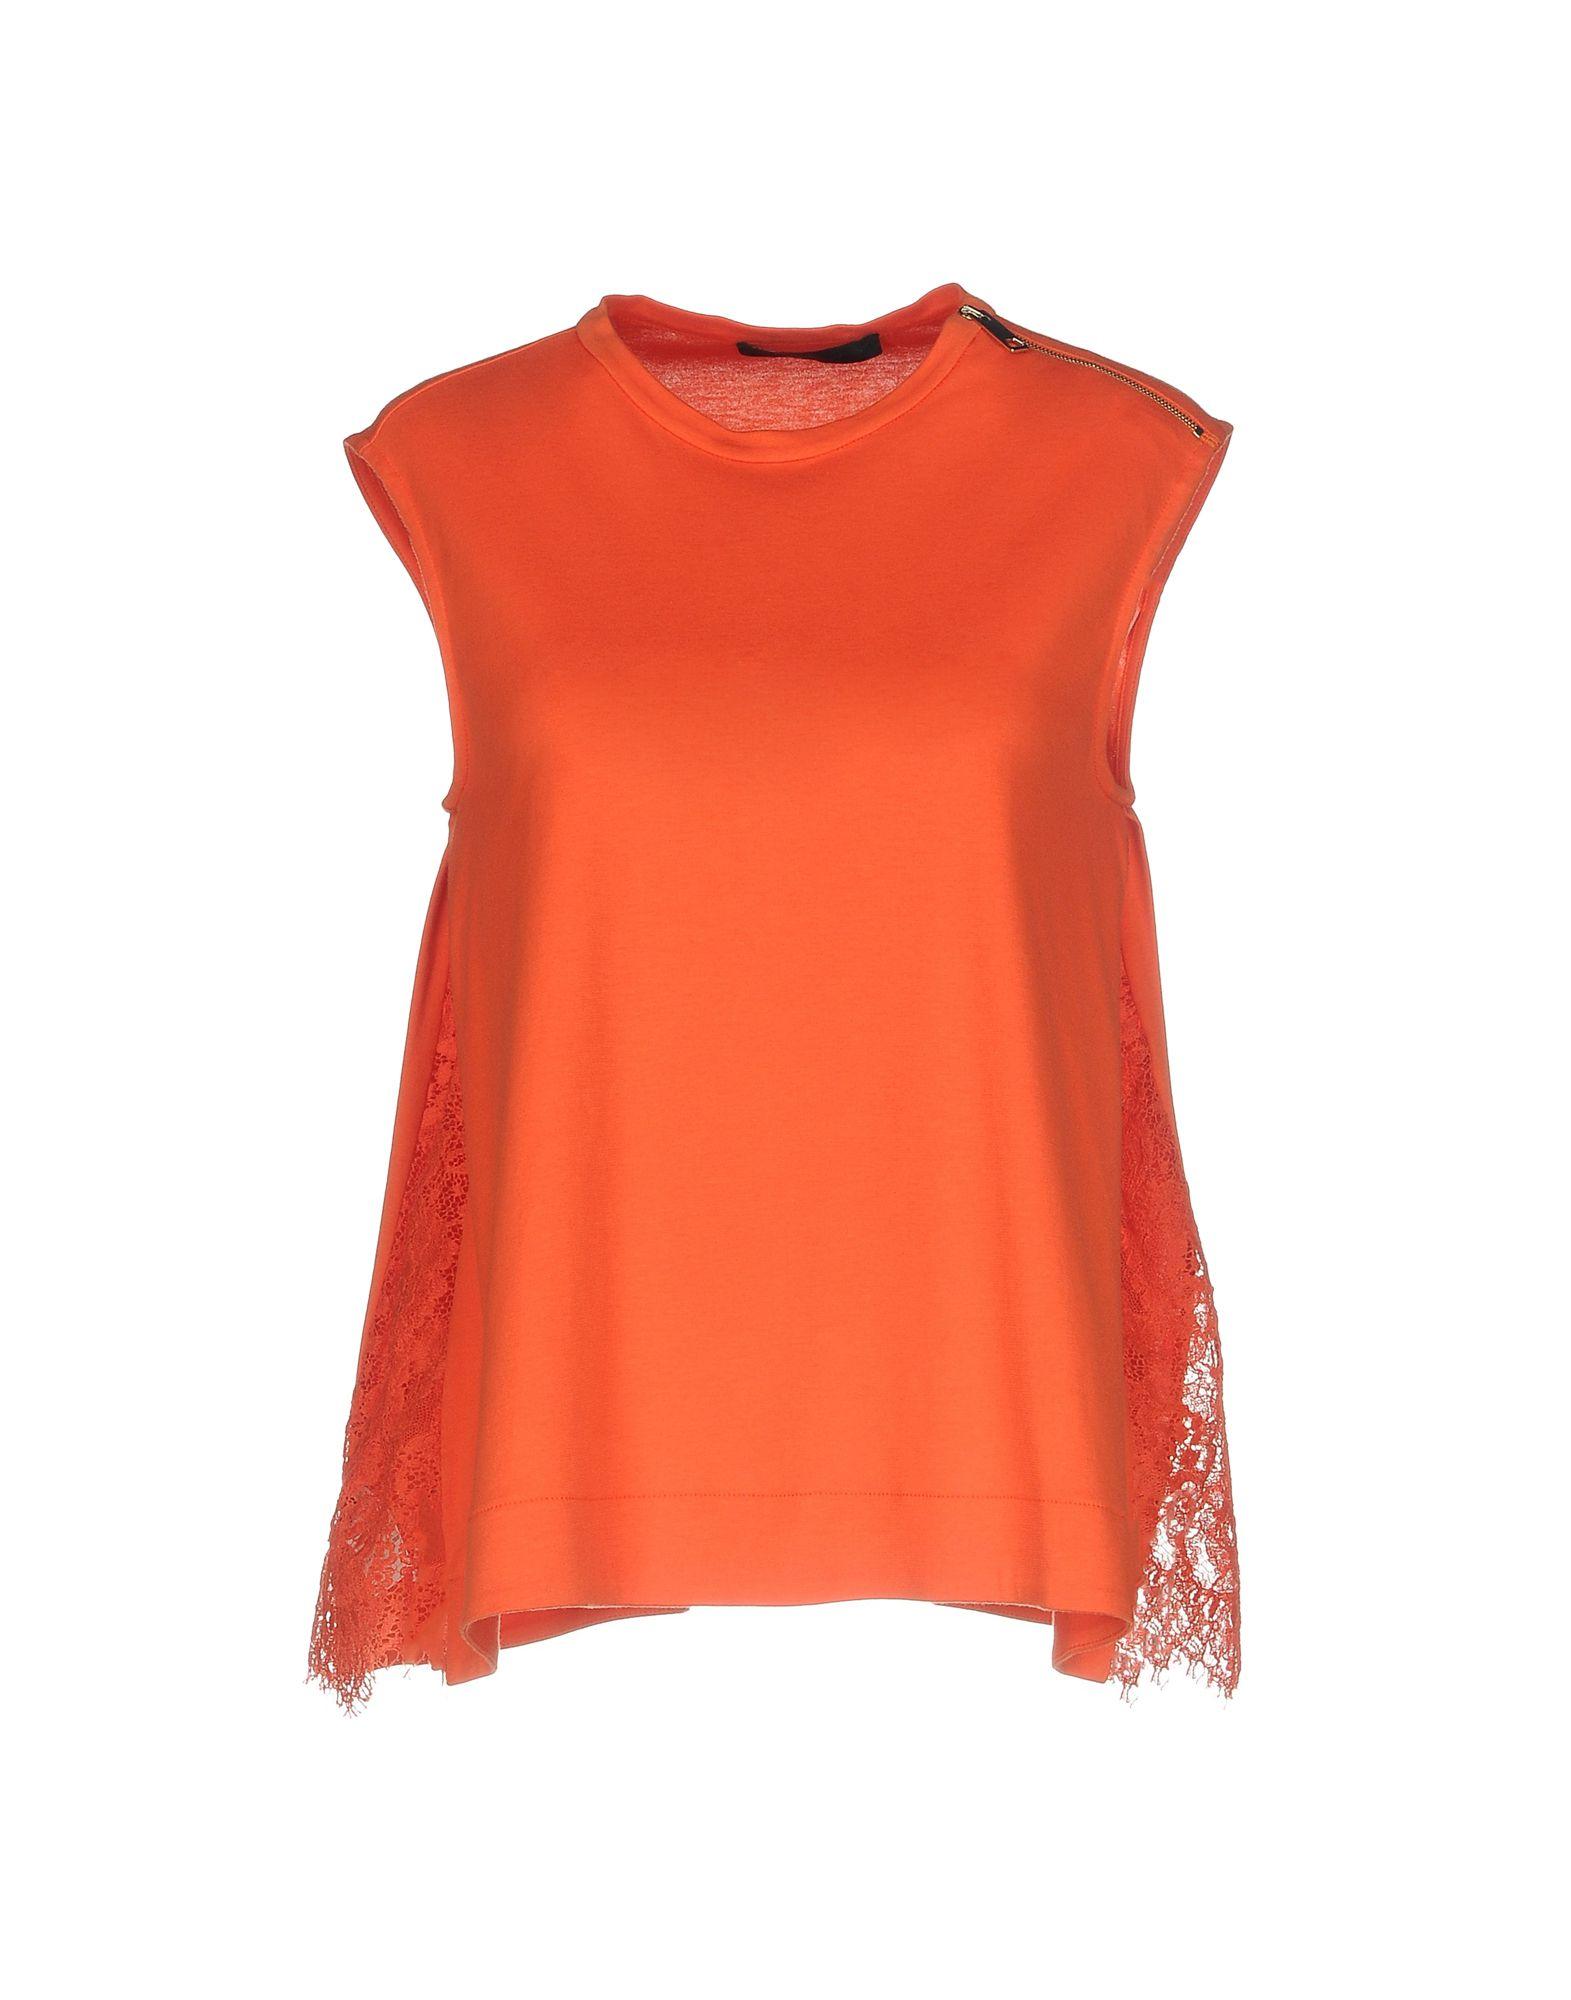 T-Shirt Les Copains Donna - Acquista online su P9p2BhD0s